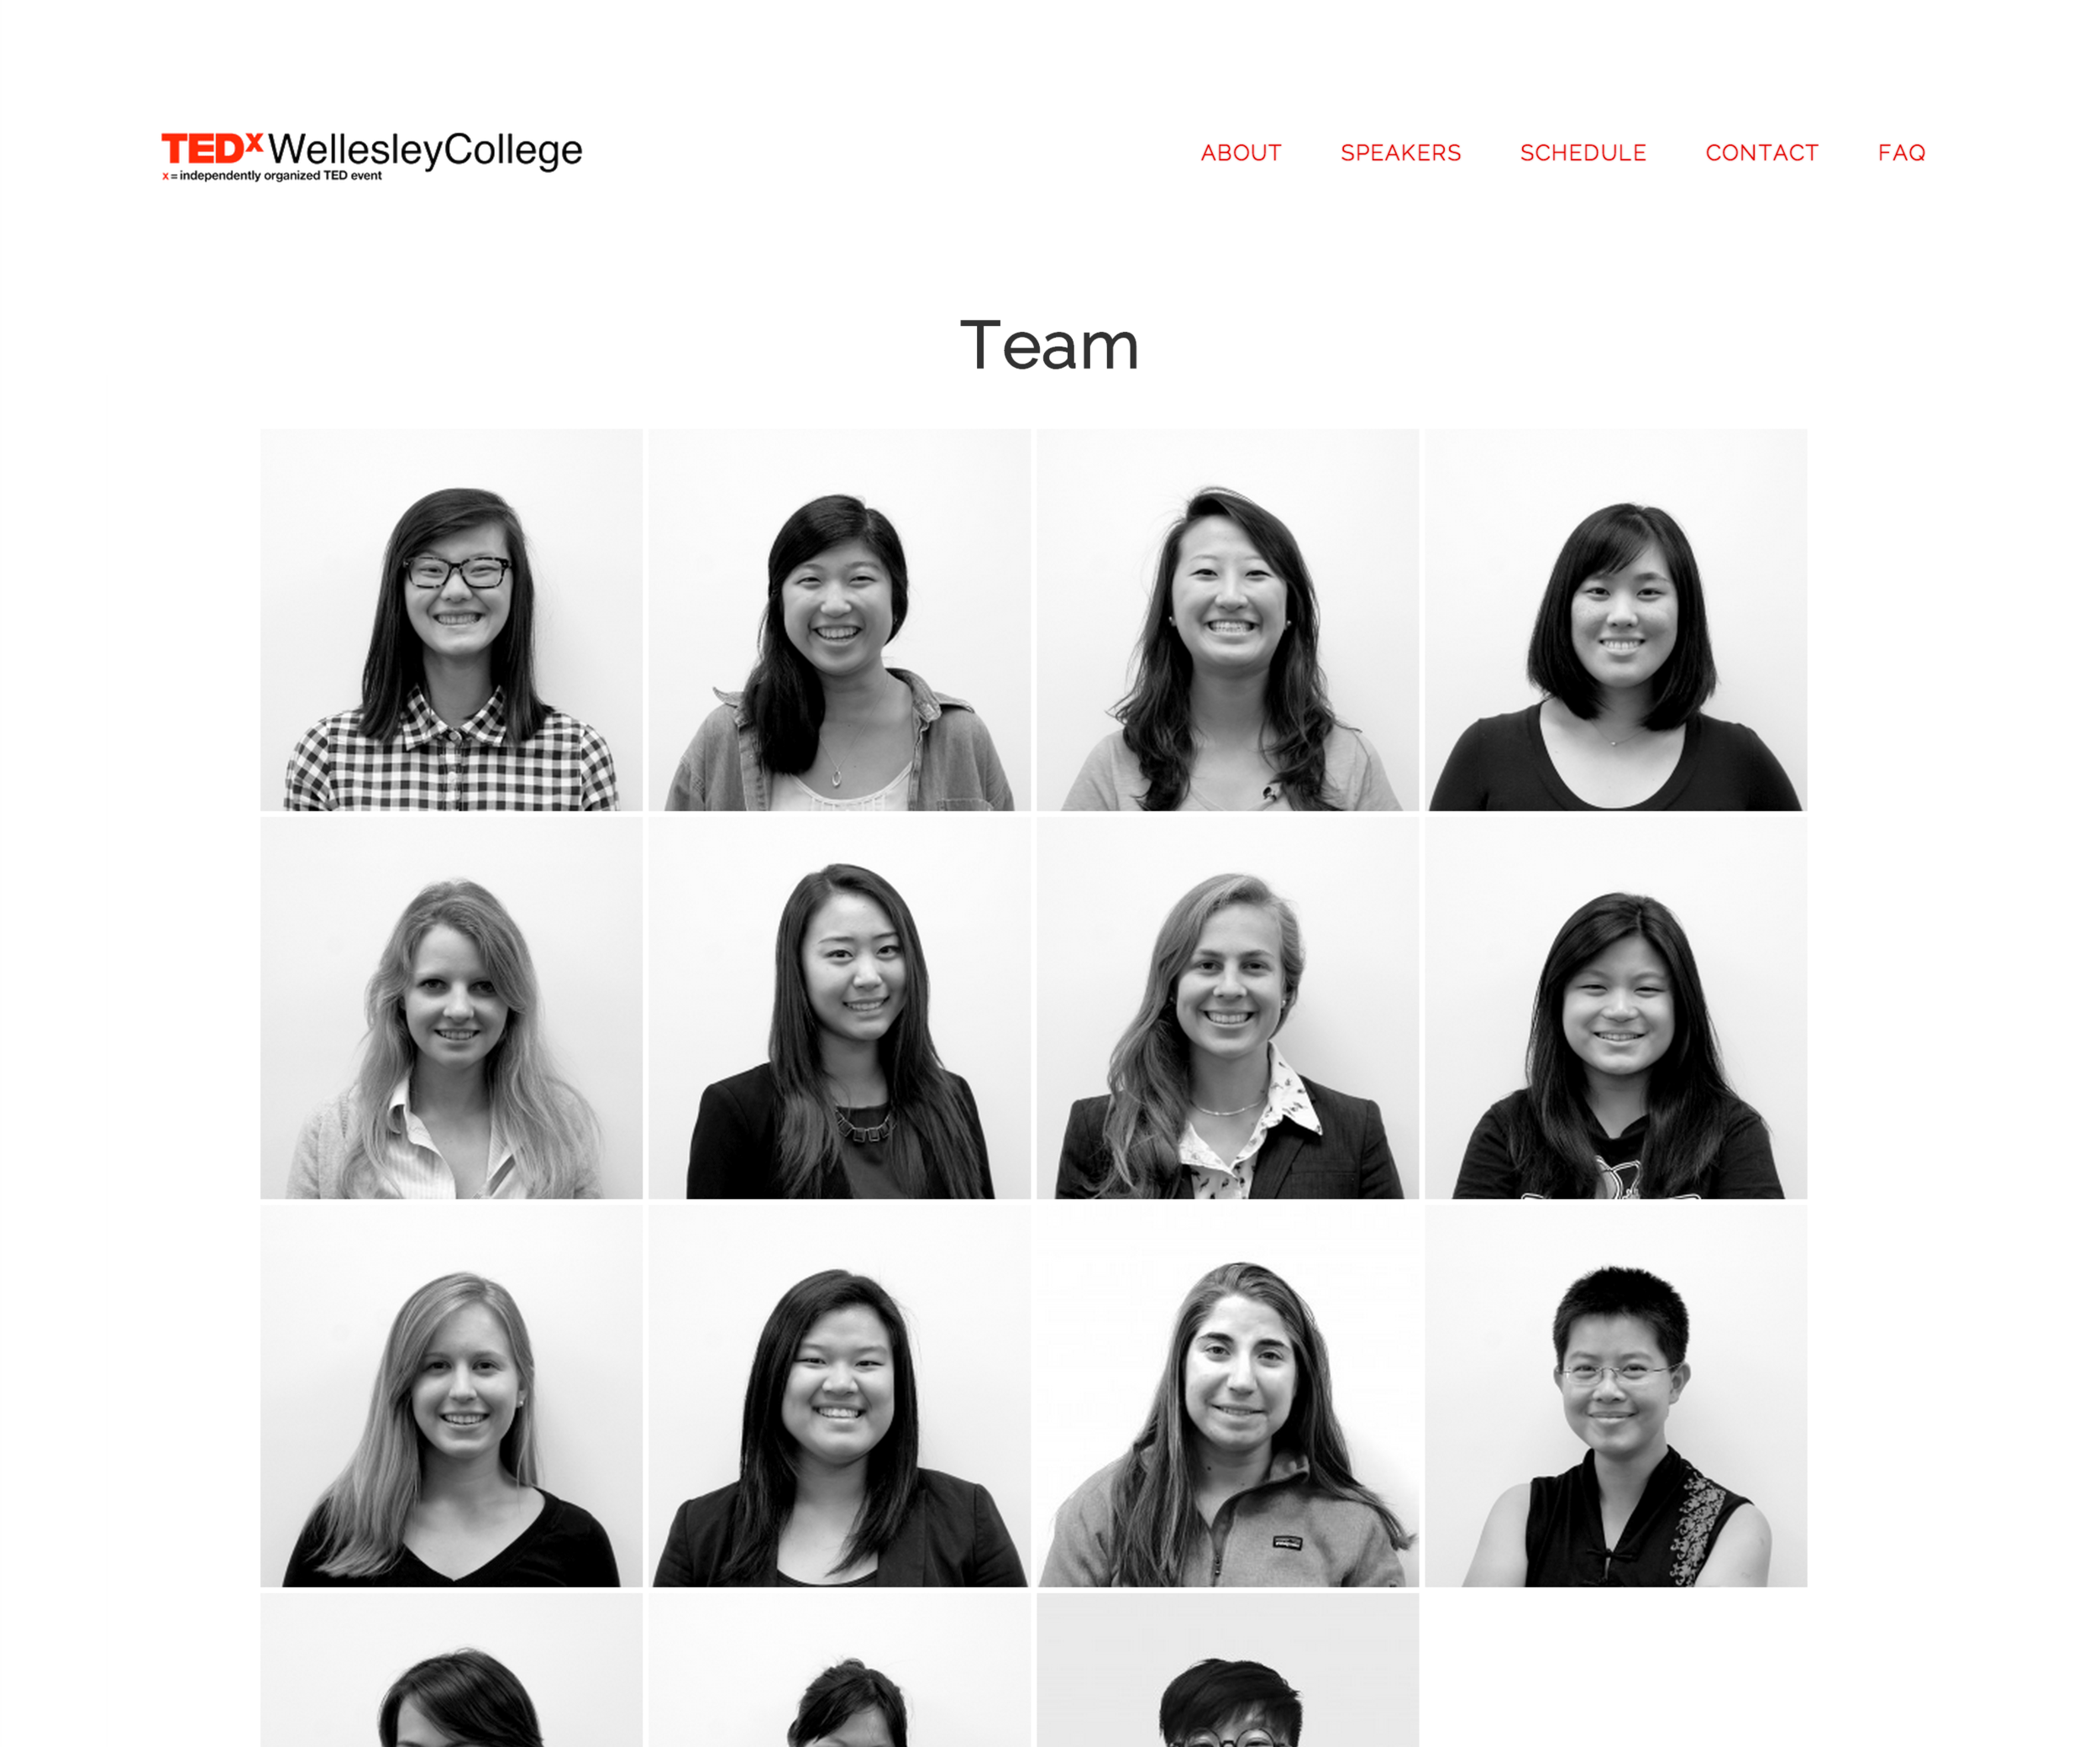 TEDxWebsite_0000_Team.png